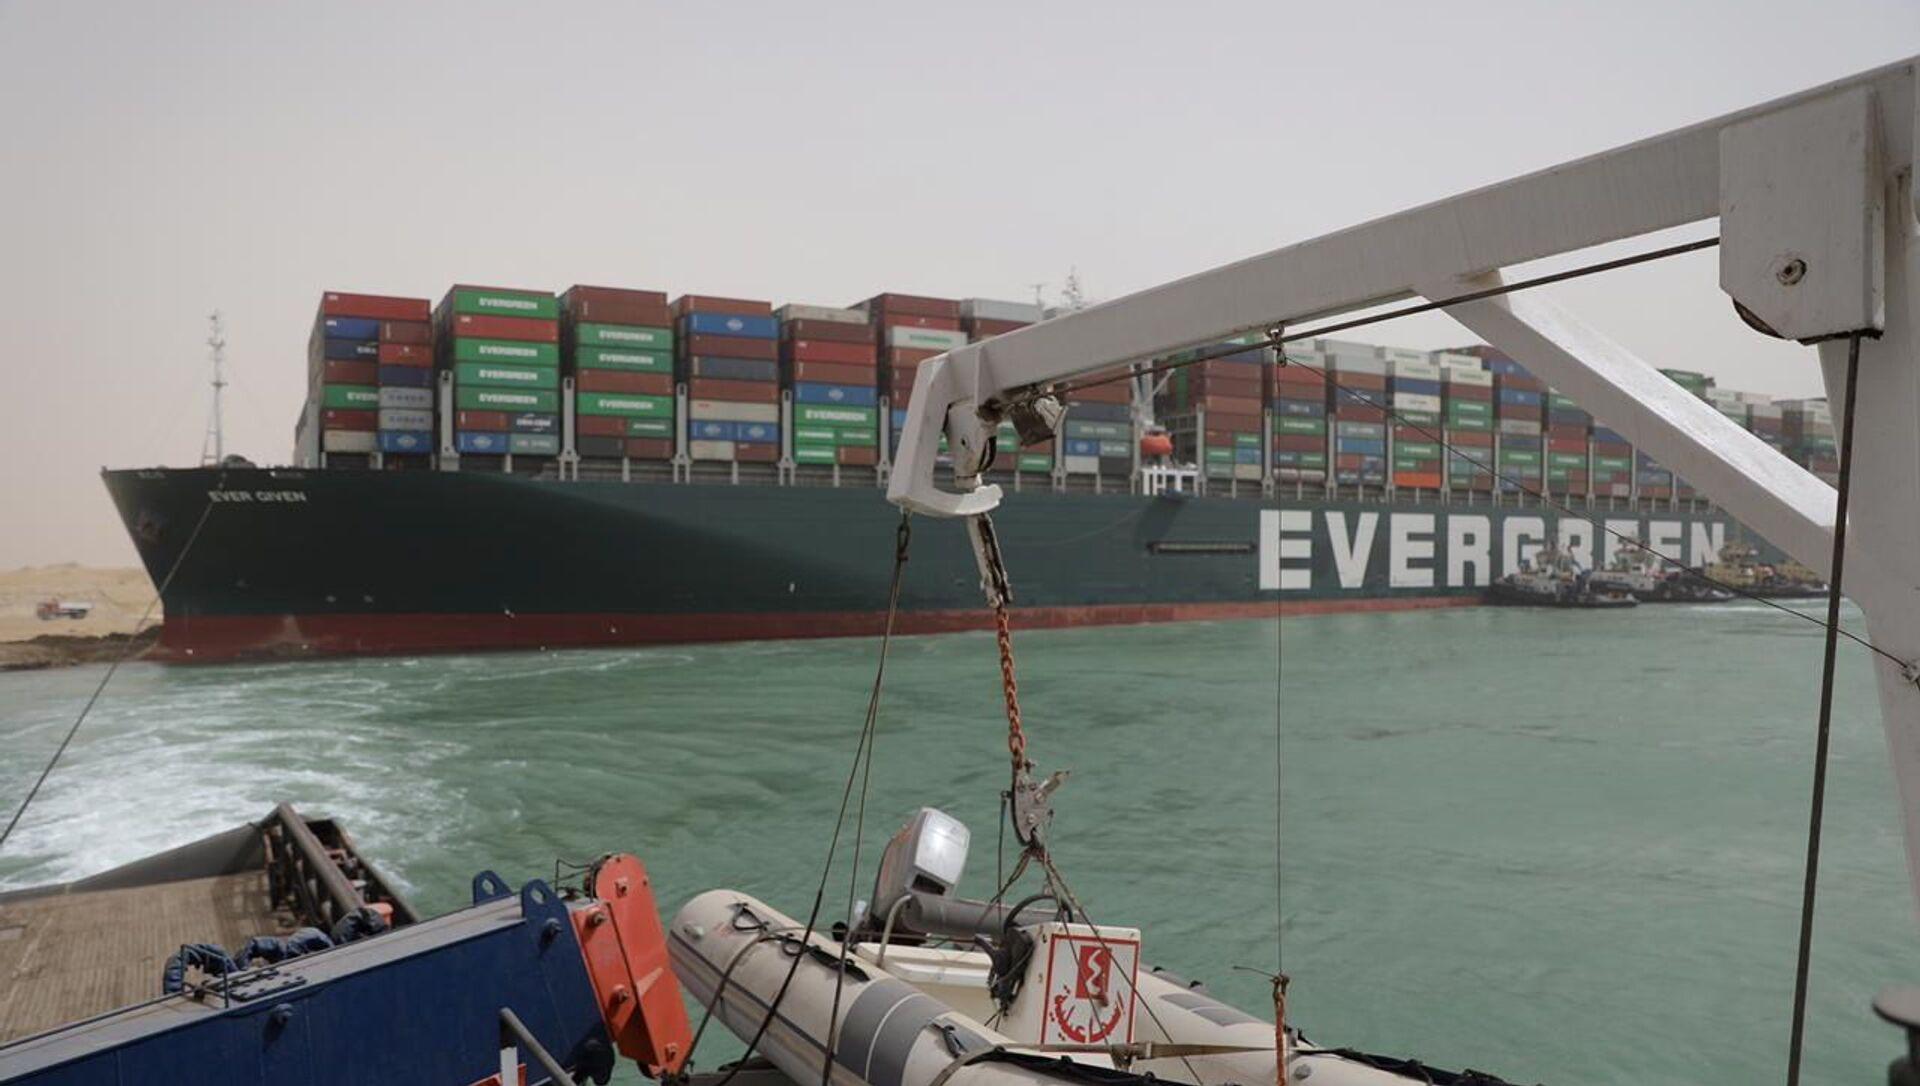 Le porte-conteneurs Ever Given bloque le canal de Suez - Sputnik France, 1920, 27.03.2021